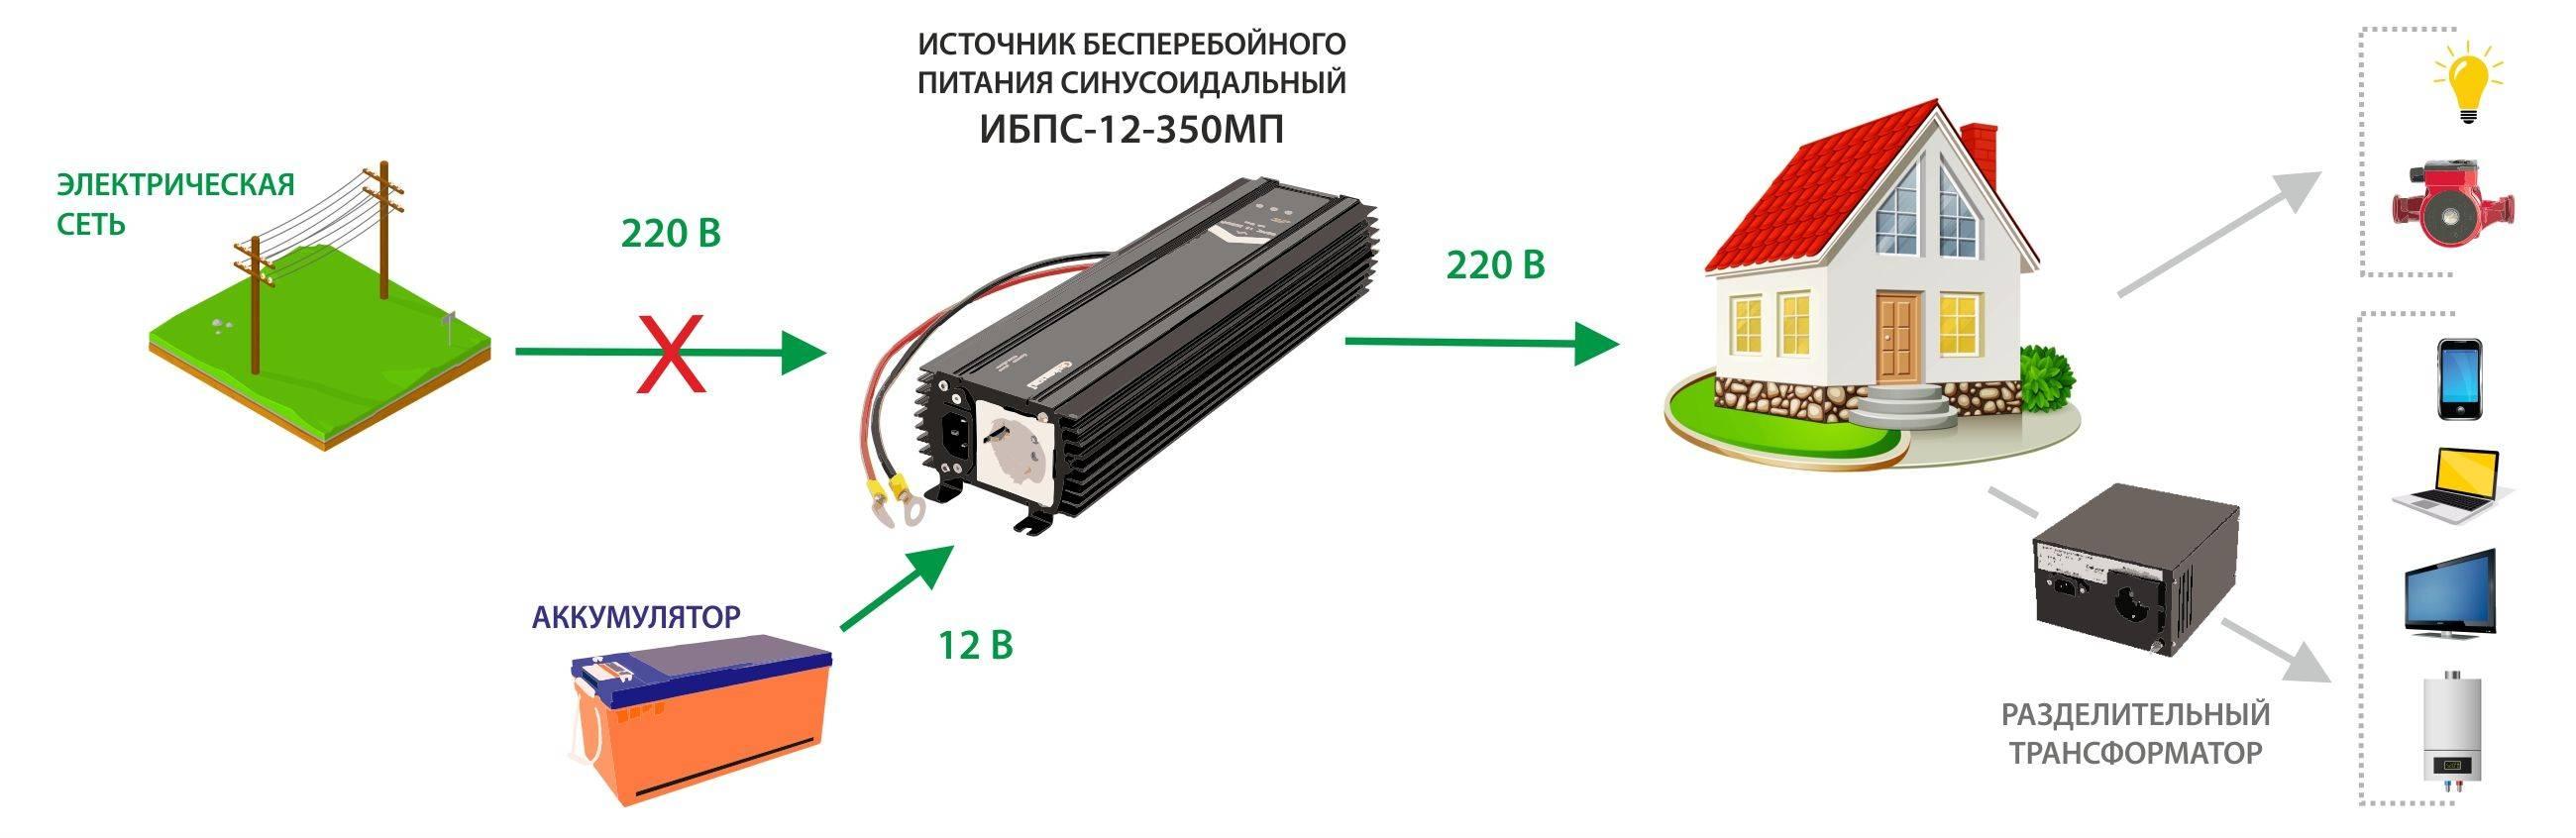 Становимся независимыми от электричества: выбираем генератор для дома